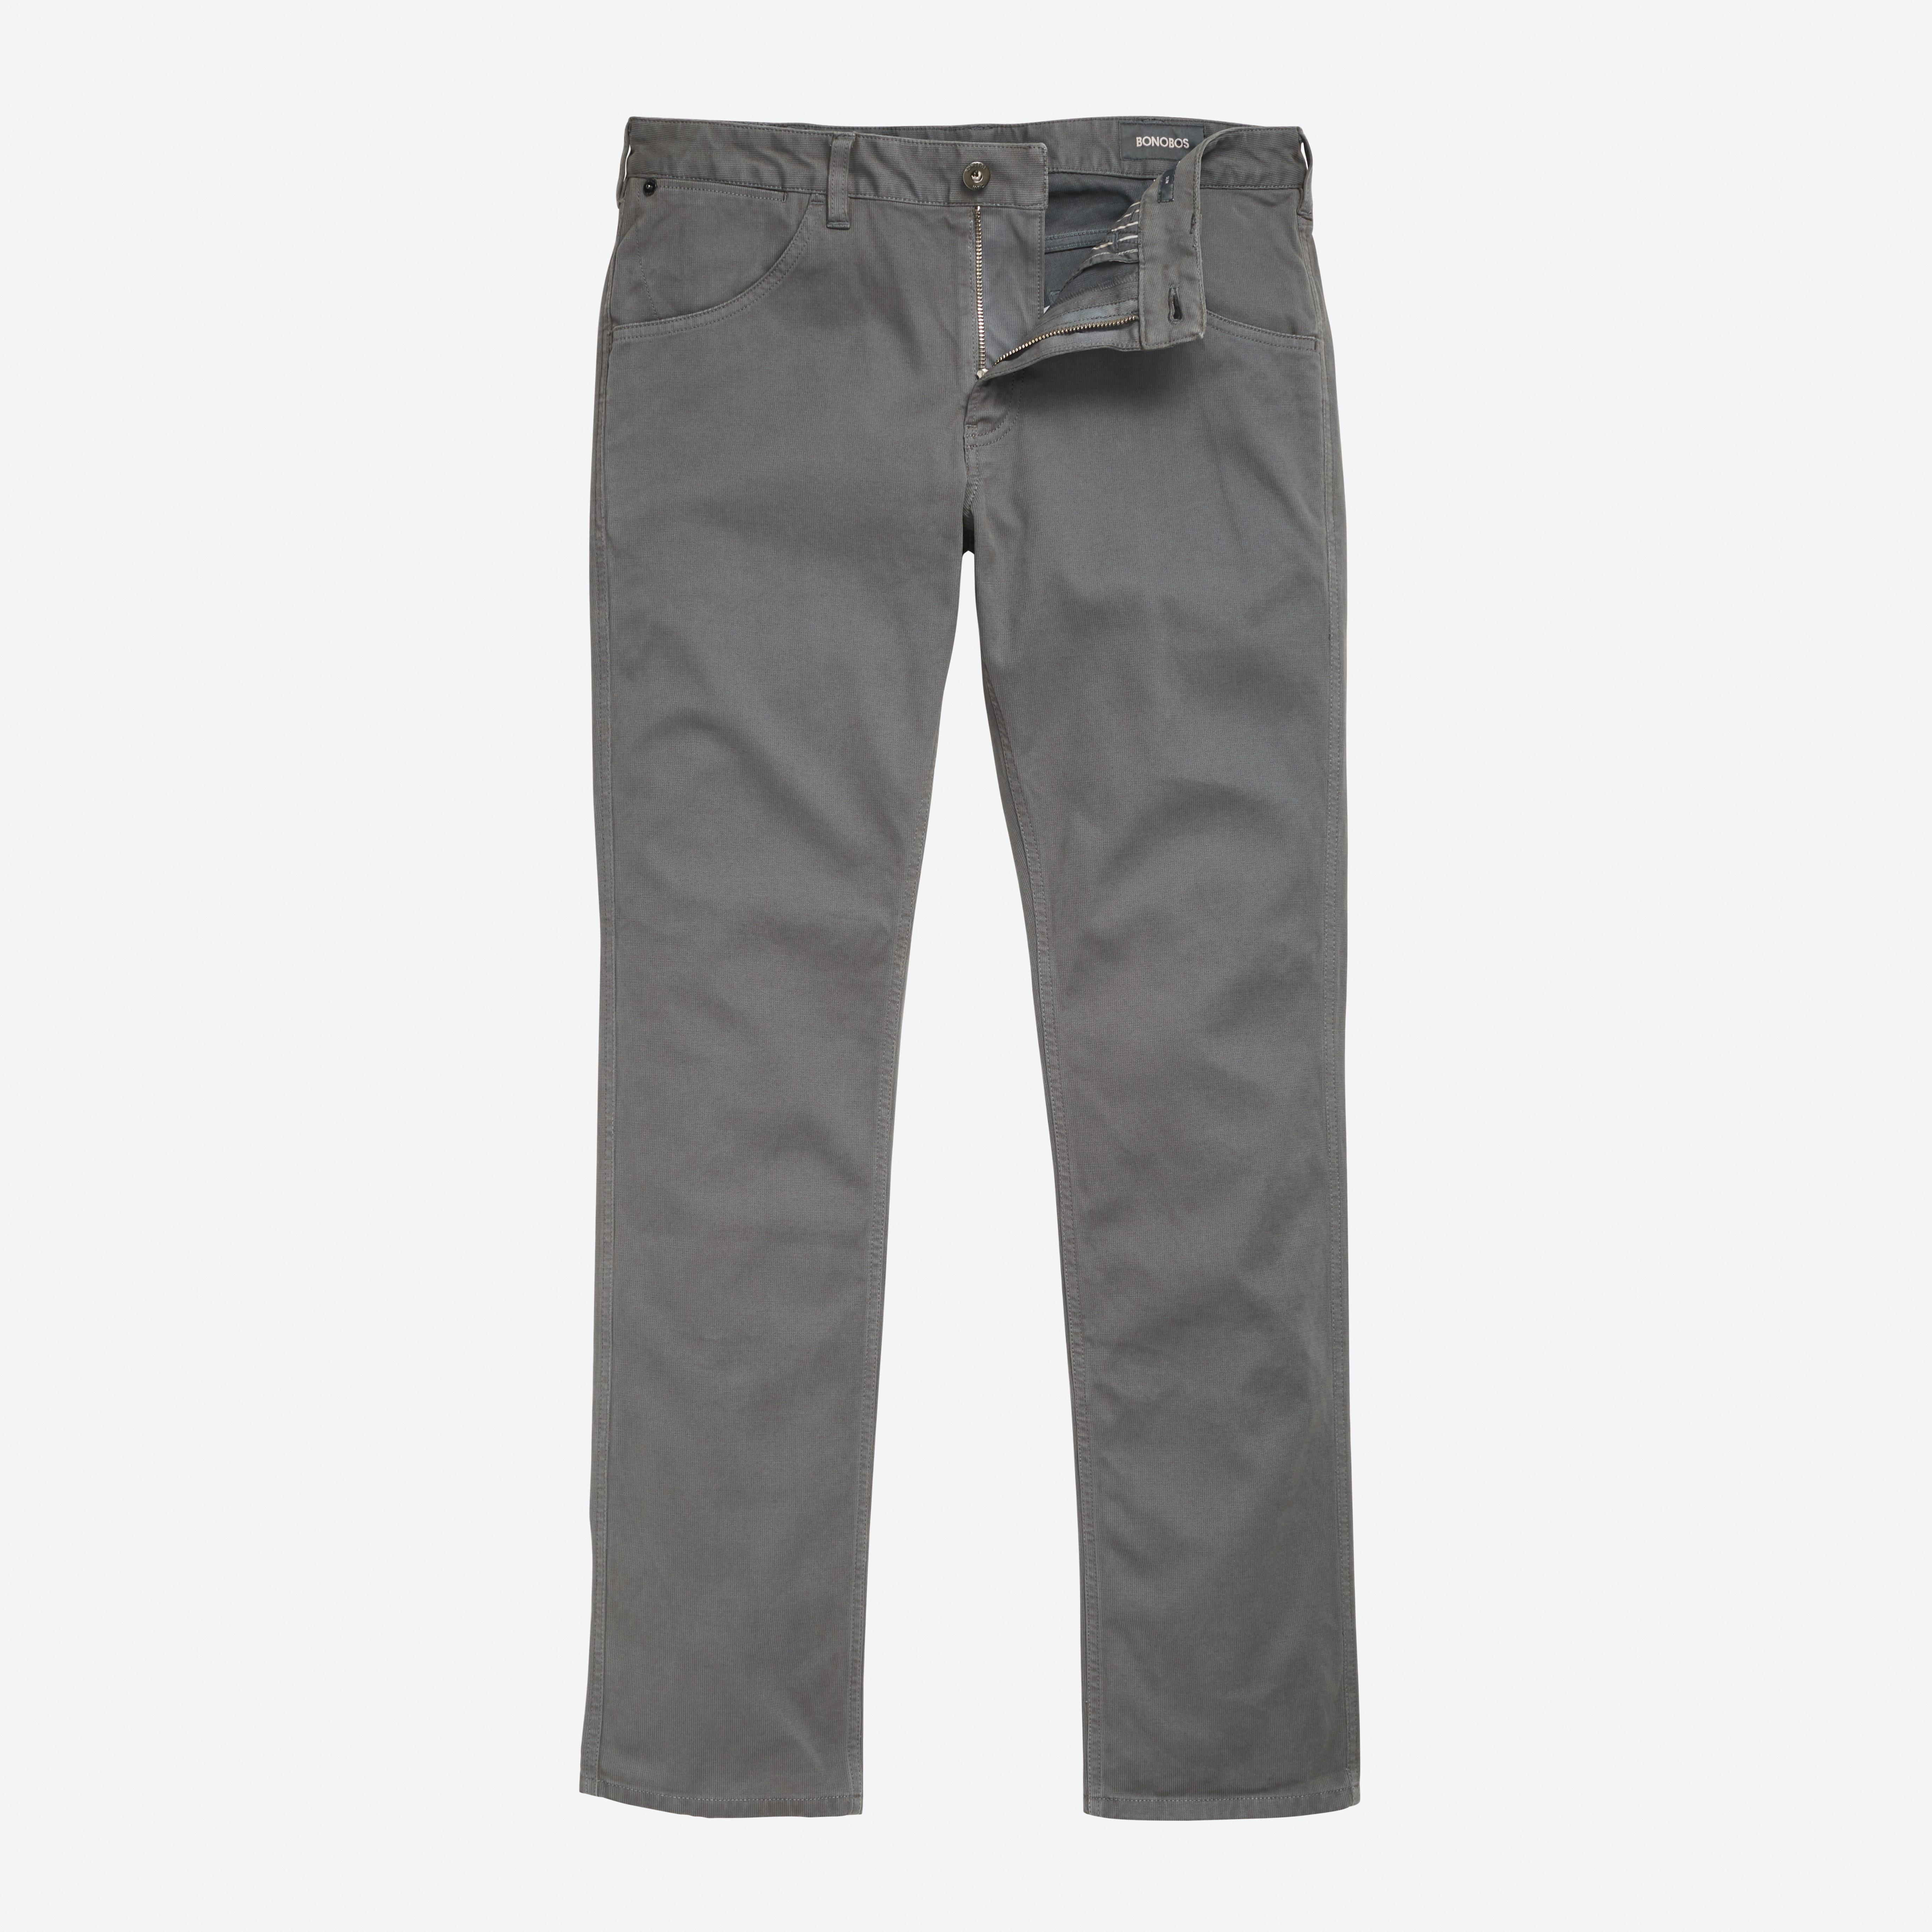 5-Pocket Bedford Pants